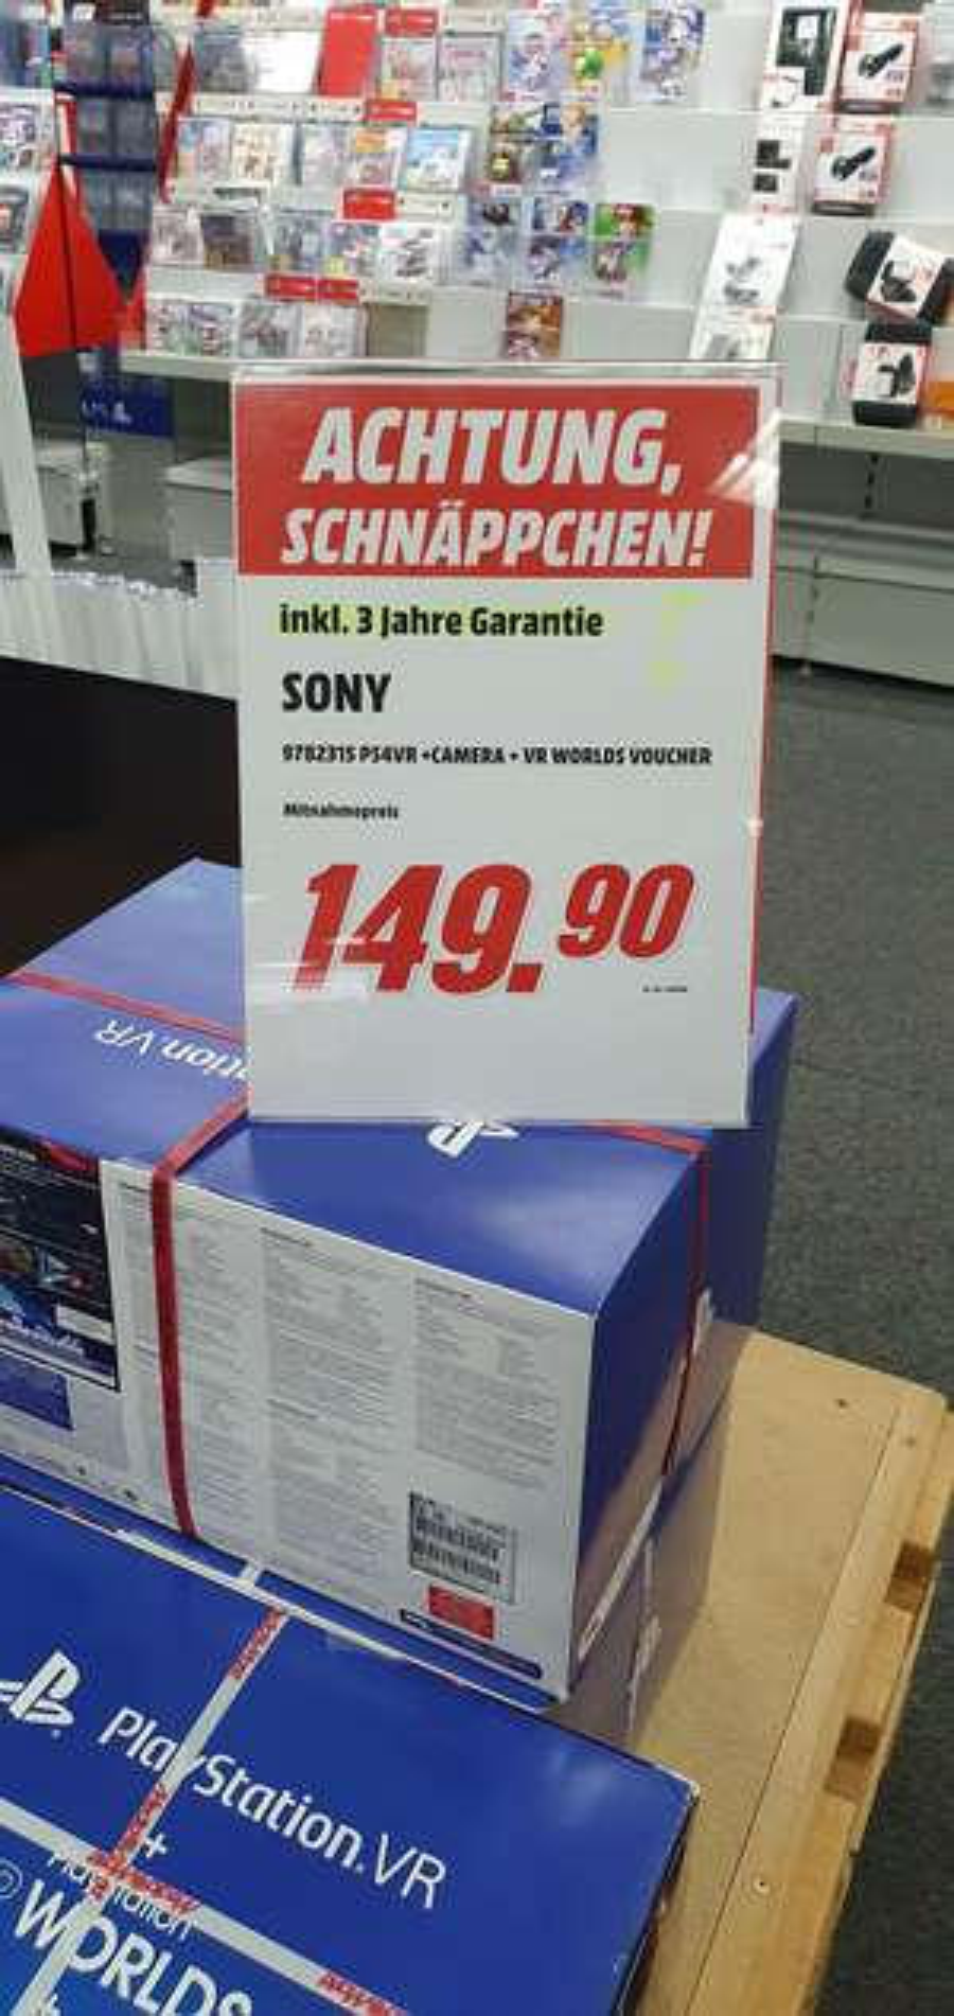 Lokal Media Markt Aschaffenburg - Playstation VR mit 3 Jahre Garantie